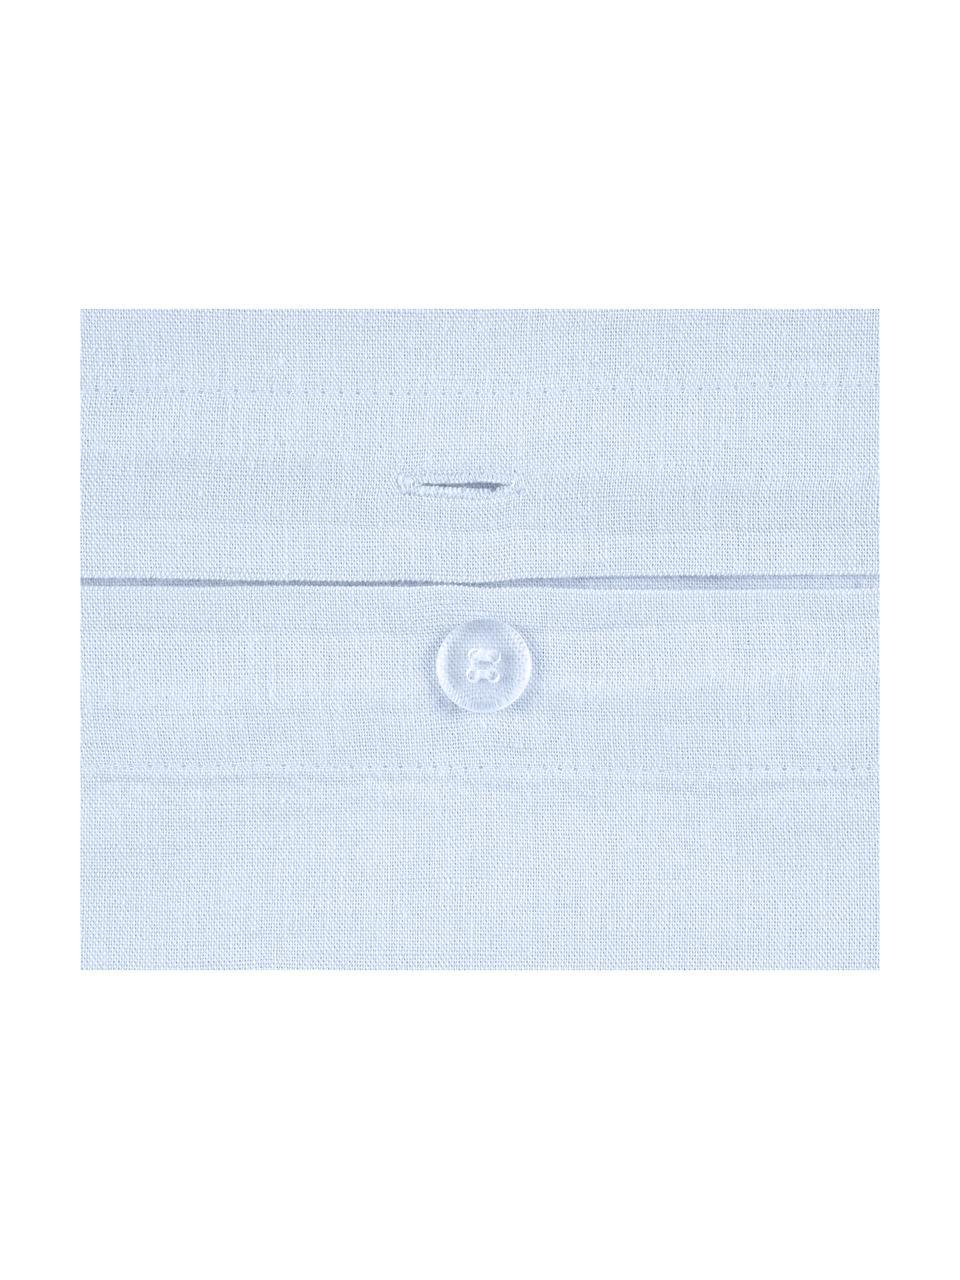 Leinen-Bettwäsche Indica, 52% Leinen, 48% Baumwolle Mit Stonewash-Effekt  Halbleinen hat von Natur aus einen kernigen Griff und einen natürlichen Knitterlook, der durch den Stonewash-Effekt verstärkt wird. Es absorbiert bis zu 35% Luftfeuchtigkeit, trocknet sehr schnell und wirkt in Sommernächten angenehm kühlend. Die hohe Reißfestigkeit macht Halbleinen scheuerfest und strapazierfähig., Hellblau, 240 x 220 cm